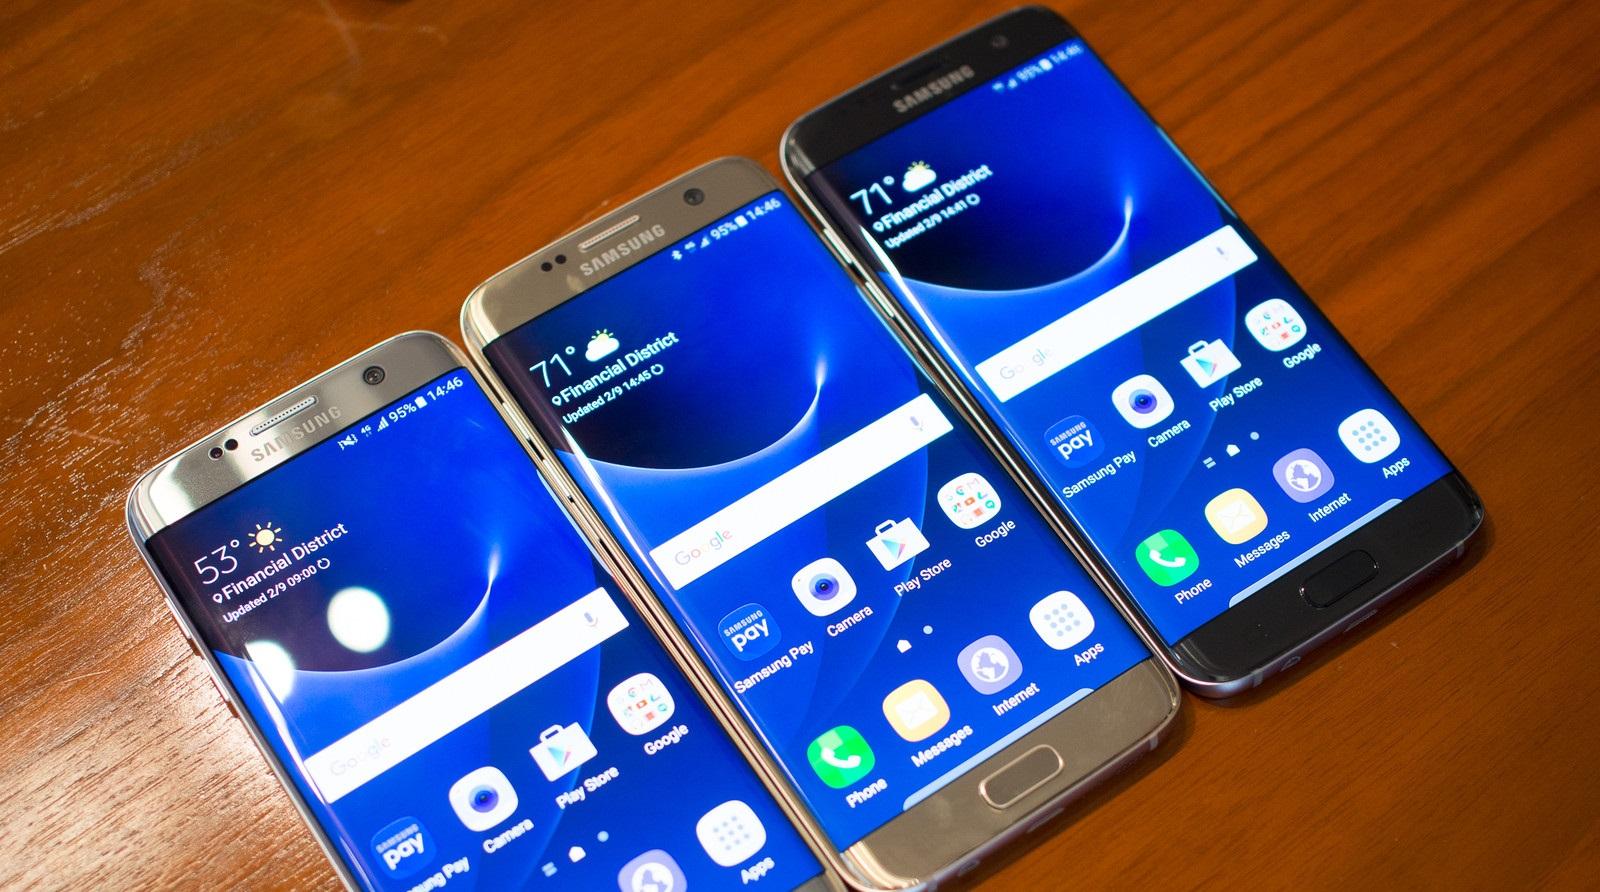 Galaxy S7, Galaxy S7 Edge giảm giá tại Mỹ, Việt Nam đã sẵn sàng?